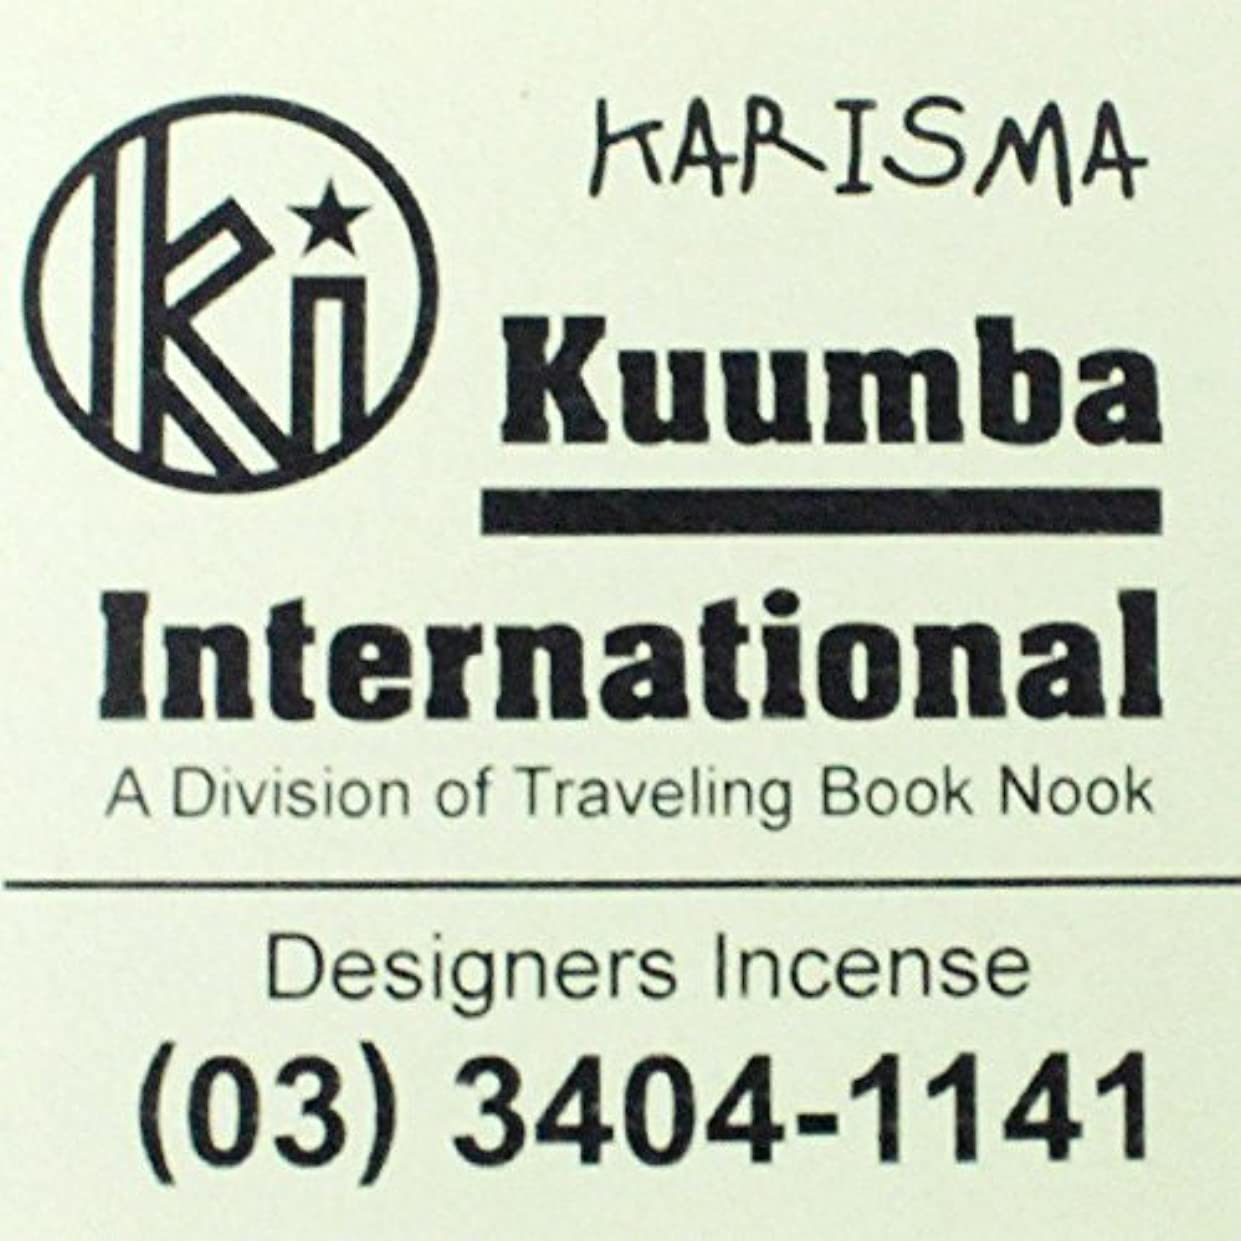 割れ目先駆者つぼみ(クンバ) KUUMBA『incense』(KARISMA) (Regular size)